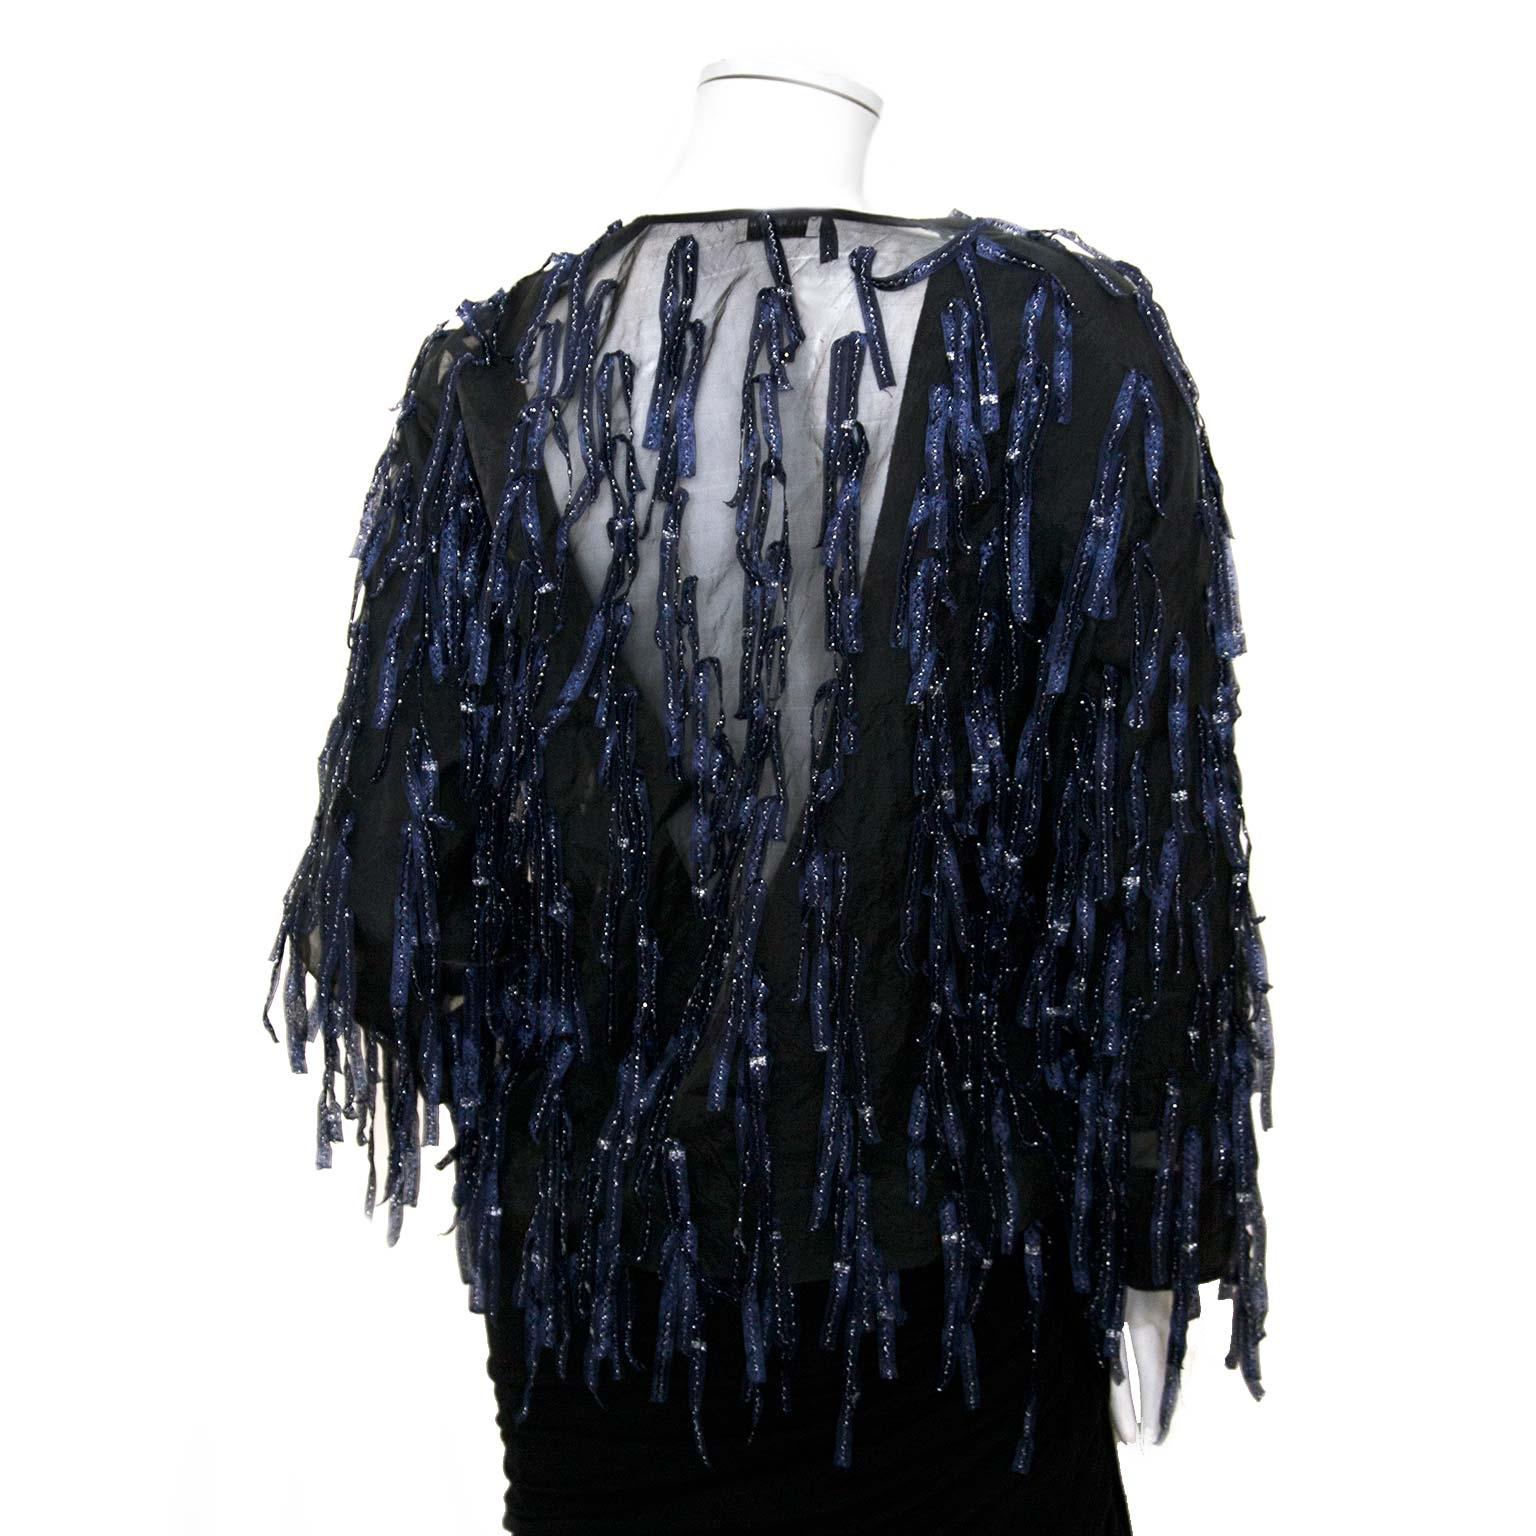 Dries Van Noten jassen online bij Labellov vintage fashion webshop